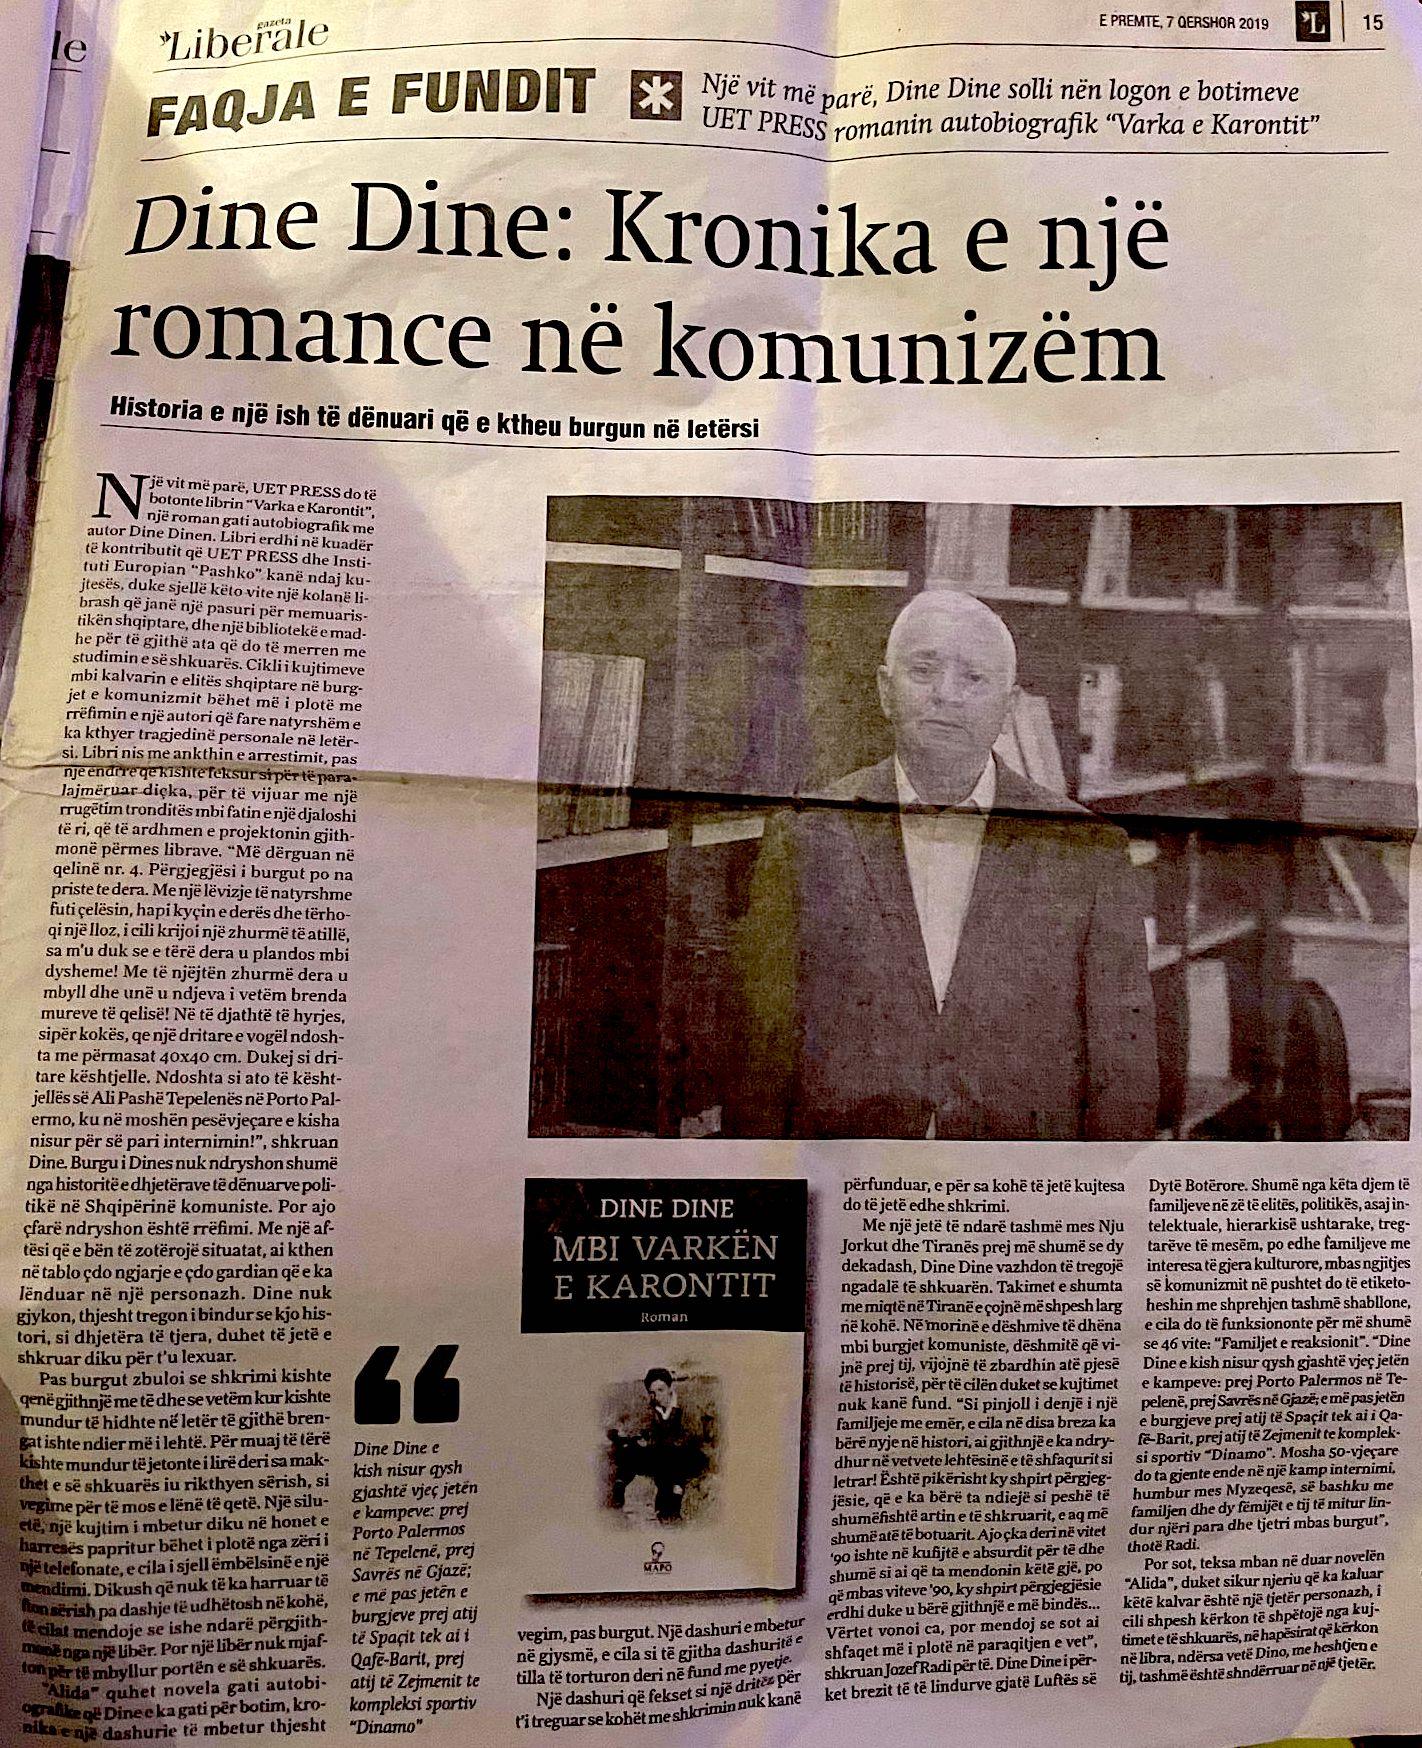 Dine Dine - Gazeta Liberal